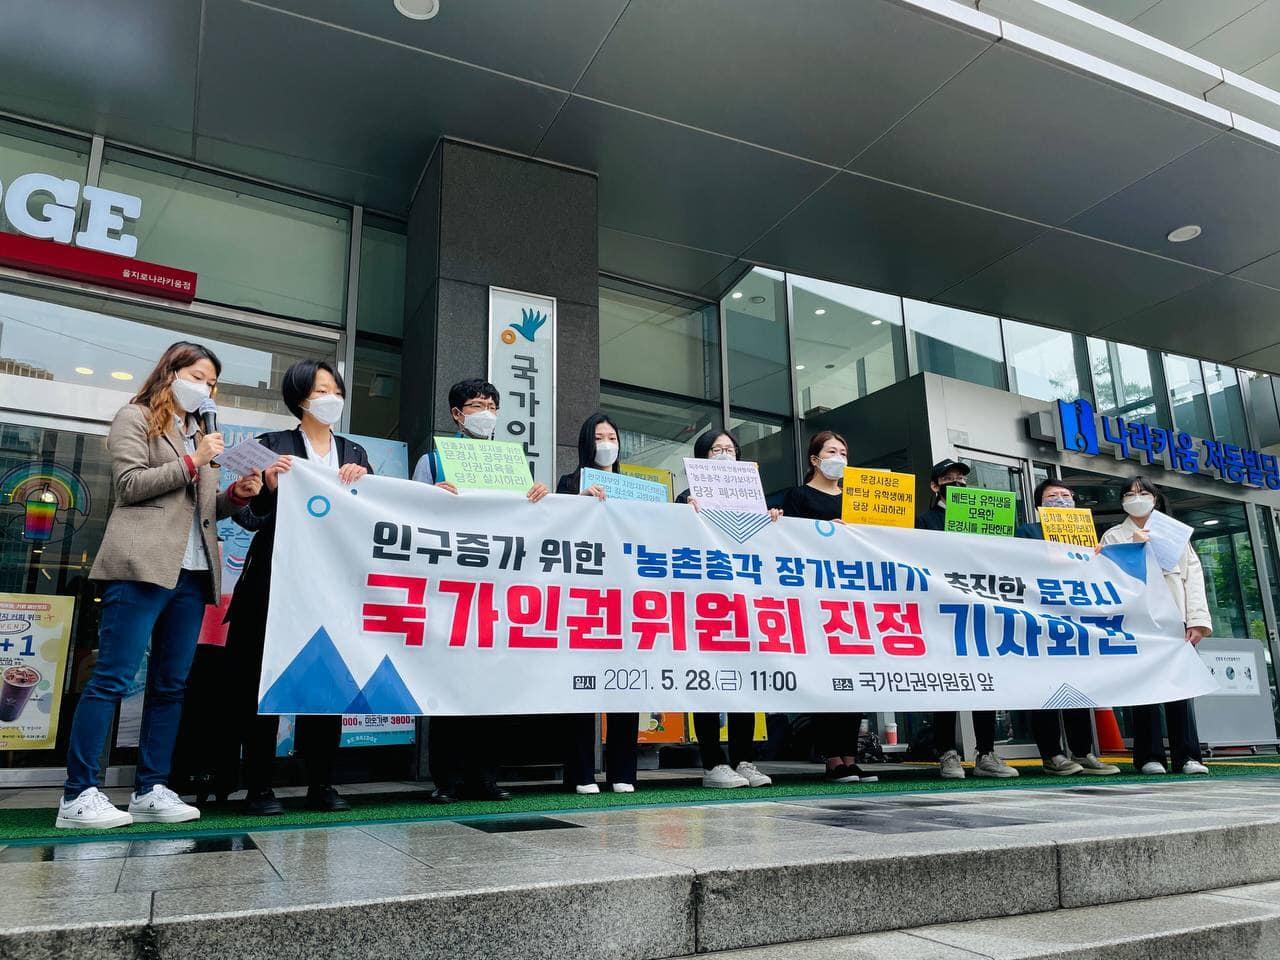 Đại diện các tổ chức vận động nhân quyền cho người nước ngoài tại Hàn Quốc và đại diện du học sinh Việt Nam bày tỏ sự phản đối trước trụ sở Ủy ban Nhân quyền Quốc gia Hàn Quốc ngày 28/5. (Ảnh: Facebook Lê Thị Ngọc Dịu)